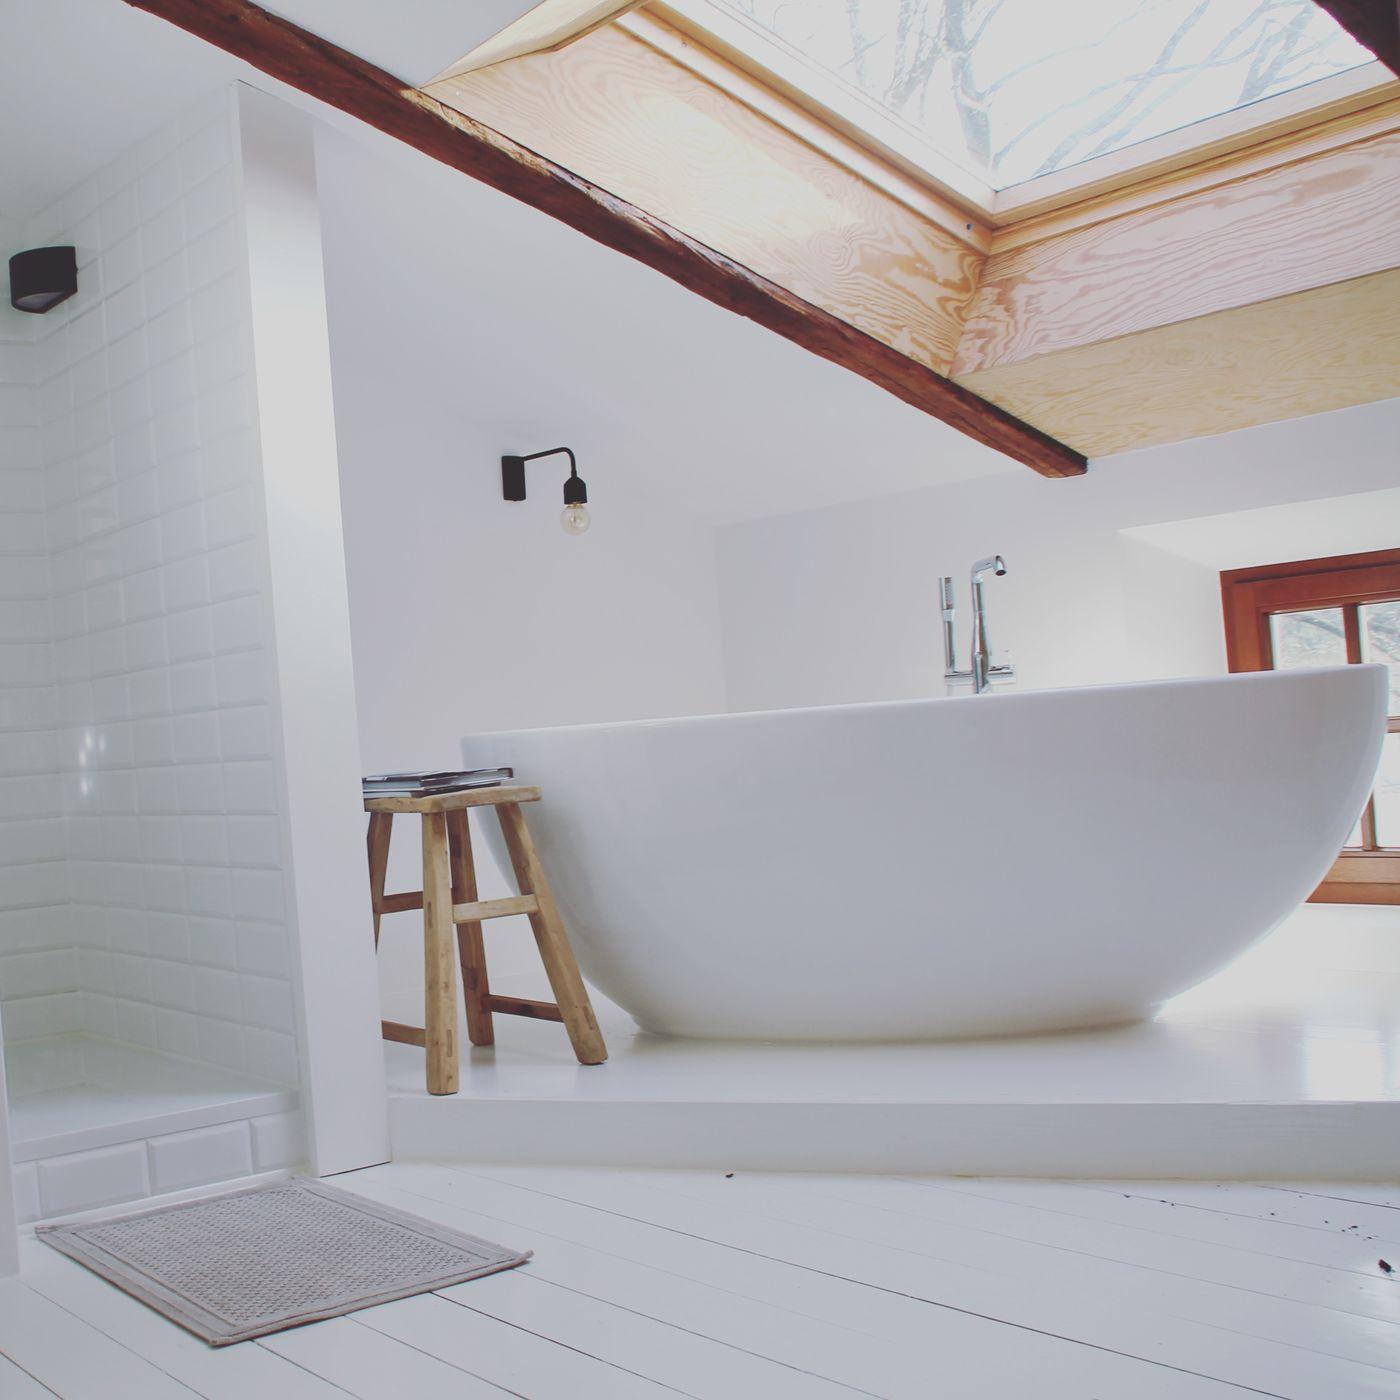 die sch nsten ideen f r freistehende badewannen seite 2. Black Bedroom Furniture Sets. Home Design Ideas